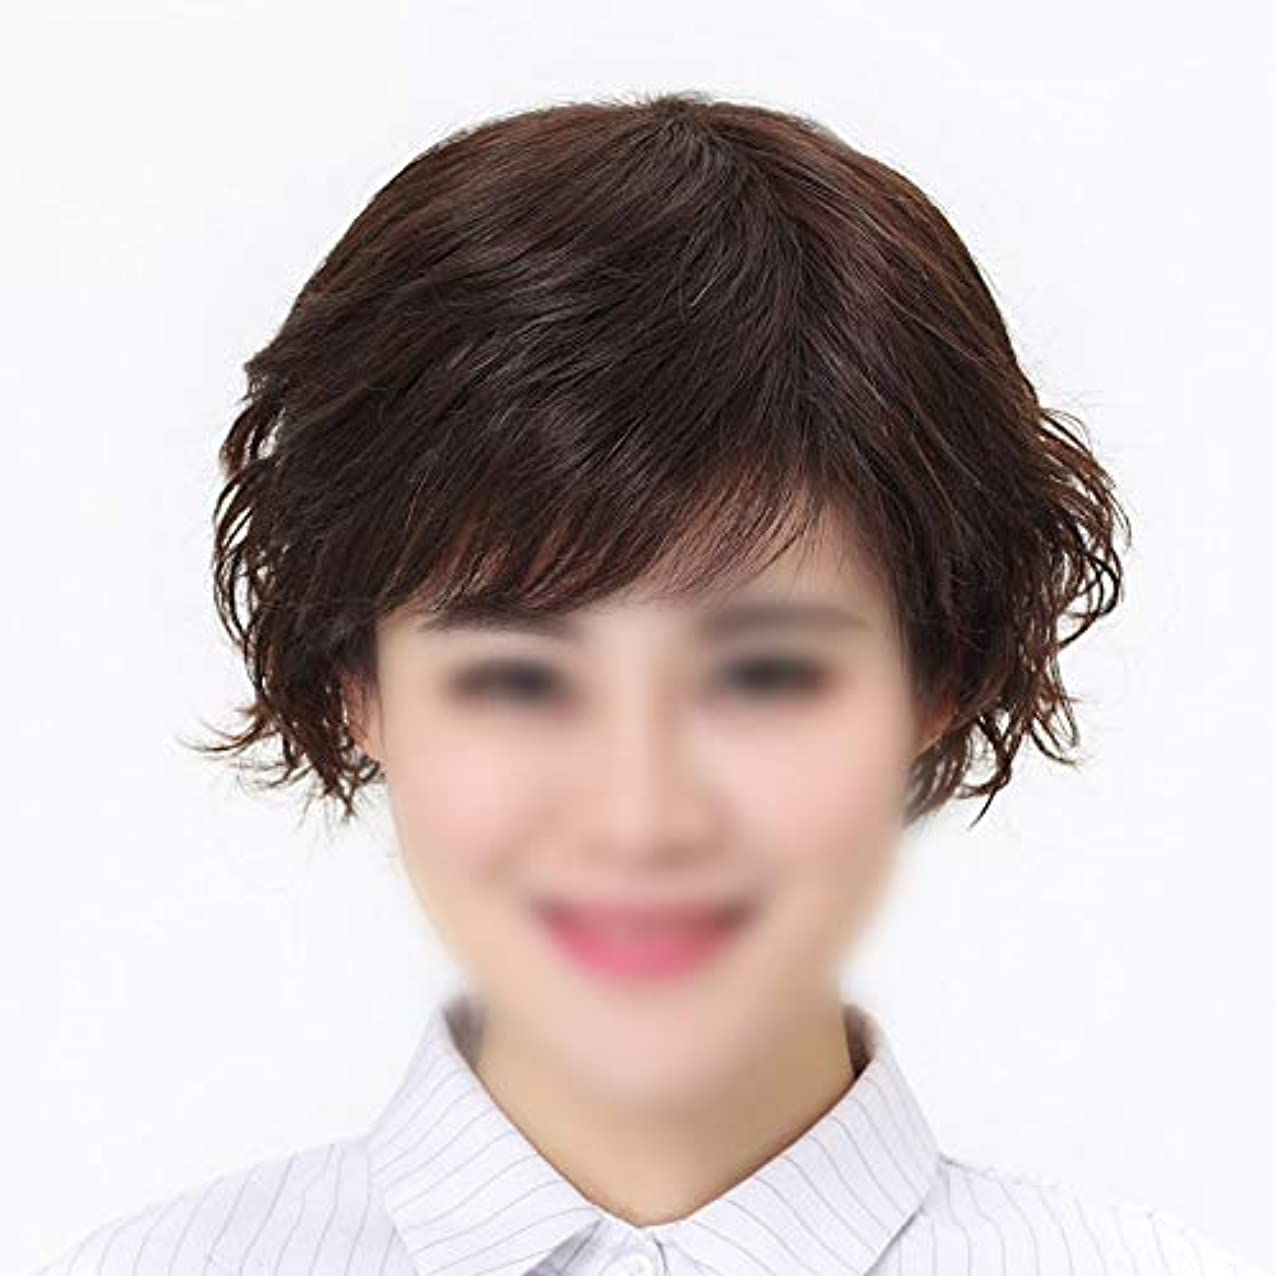 糞アサーシビックYOUQIU 女性のかつらのために前髪人毛のかつら有名人を持つ実バージン人毛ショートウィッグスタイリッシュ (色 : 黒, サイズ : Mechanism)